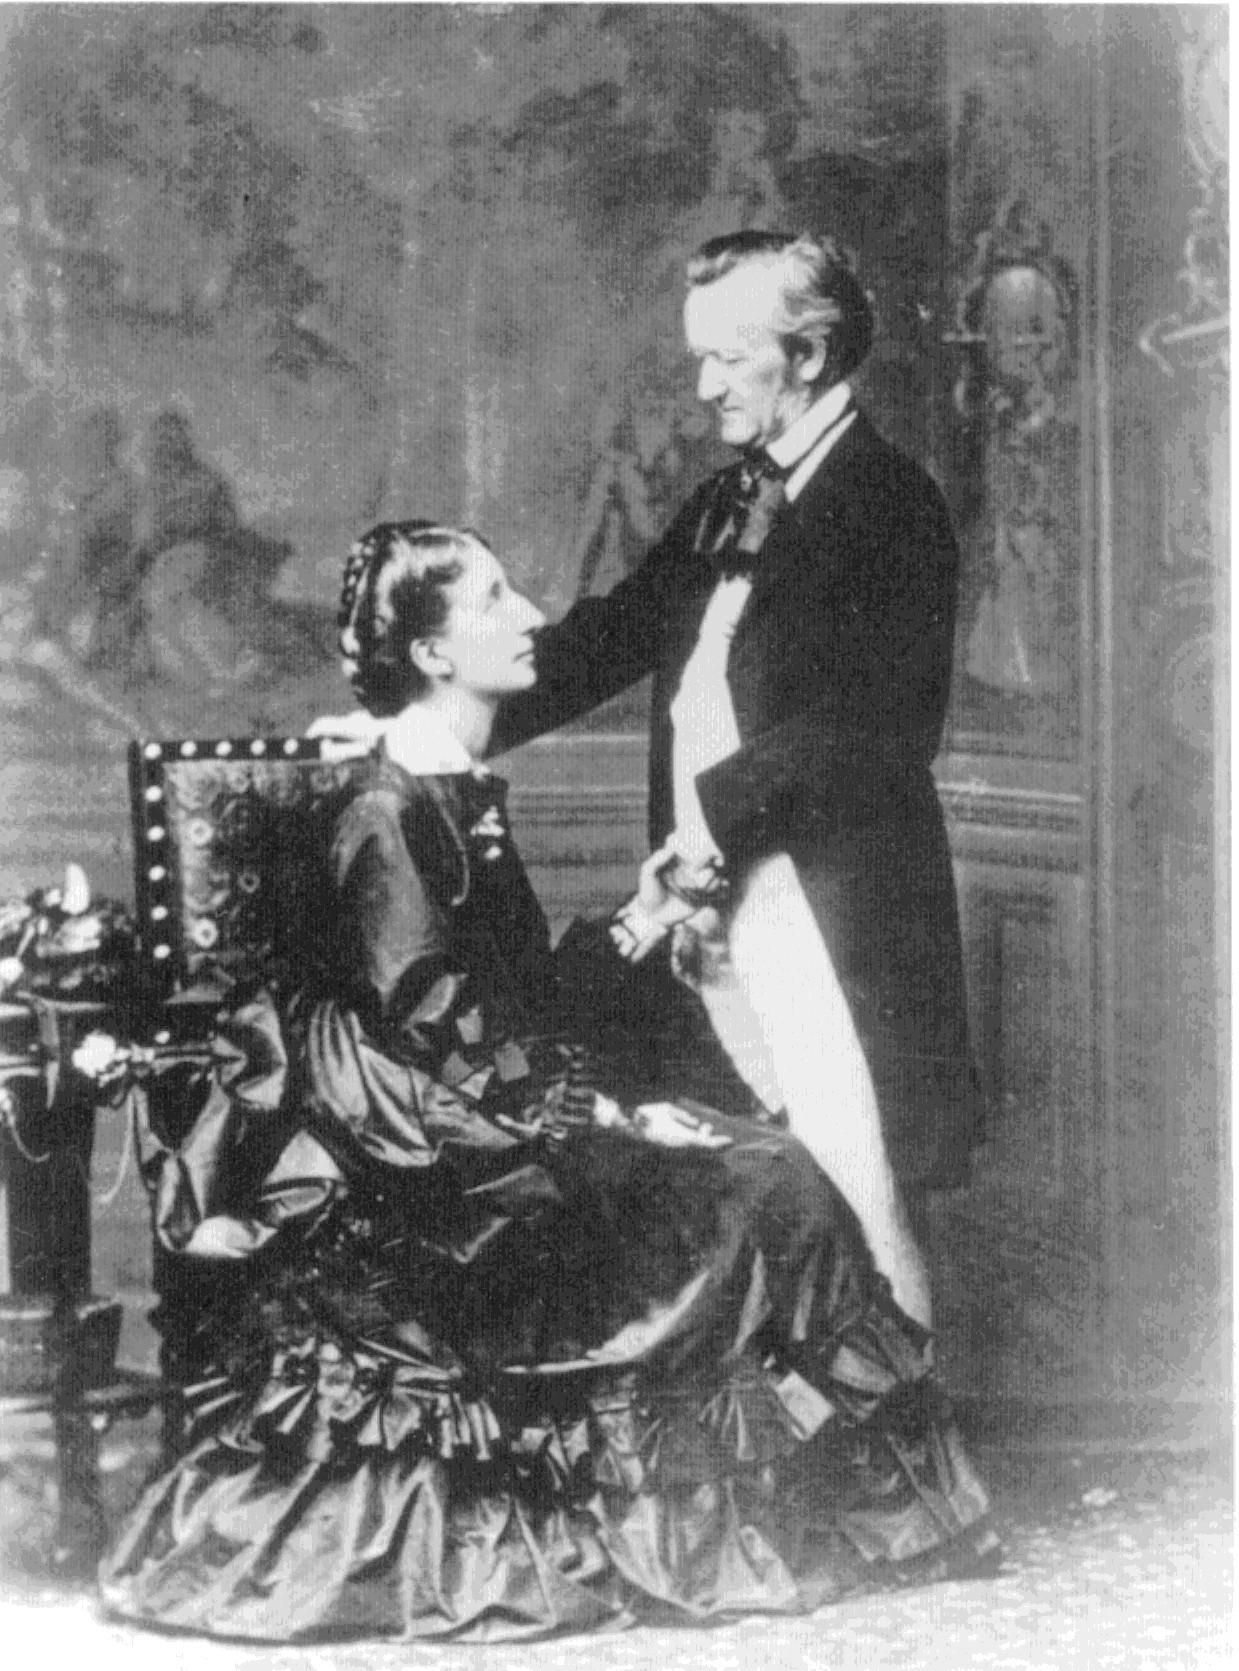 Franz Liszt Liszt - Herbert von Karajan Karajan Mazepa - Rapsodias Húngaras - Fantasía Sobre Melodías Populares Húngaras